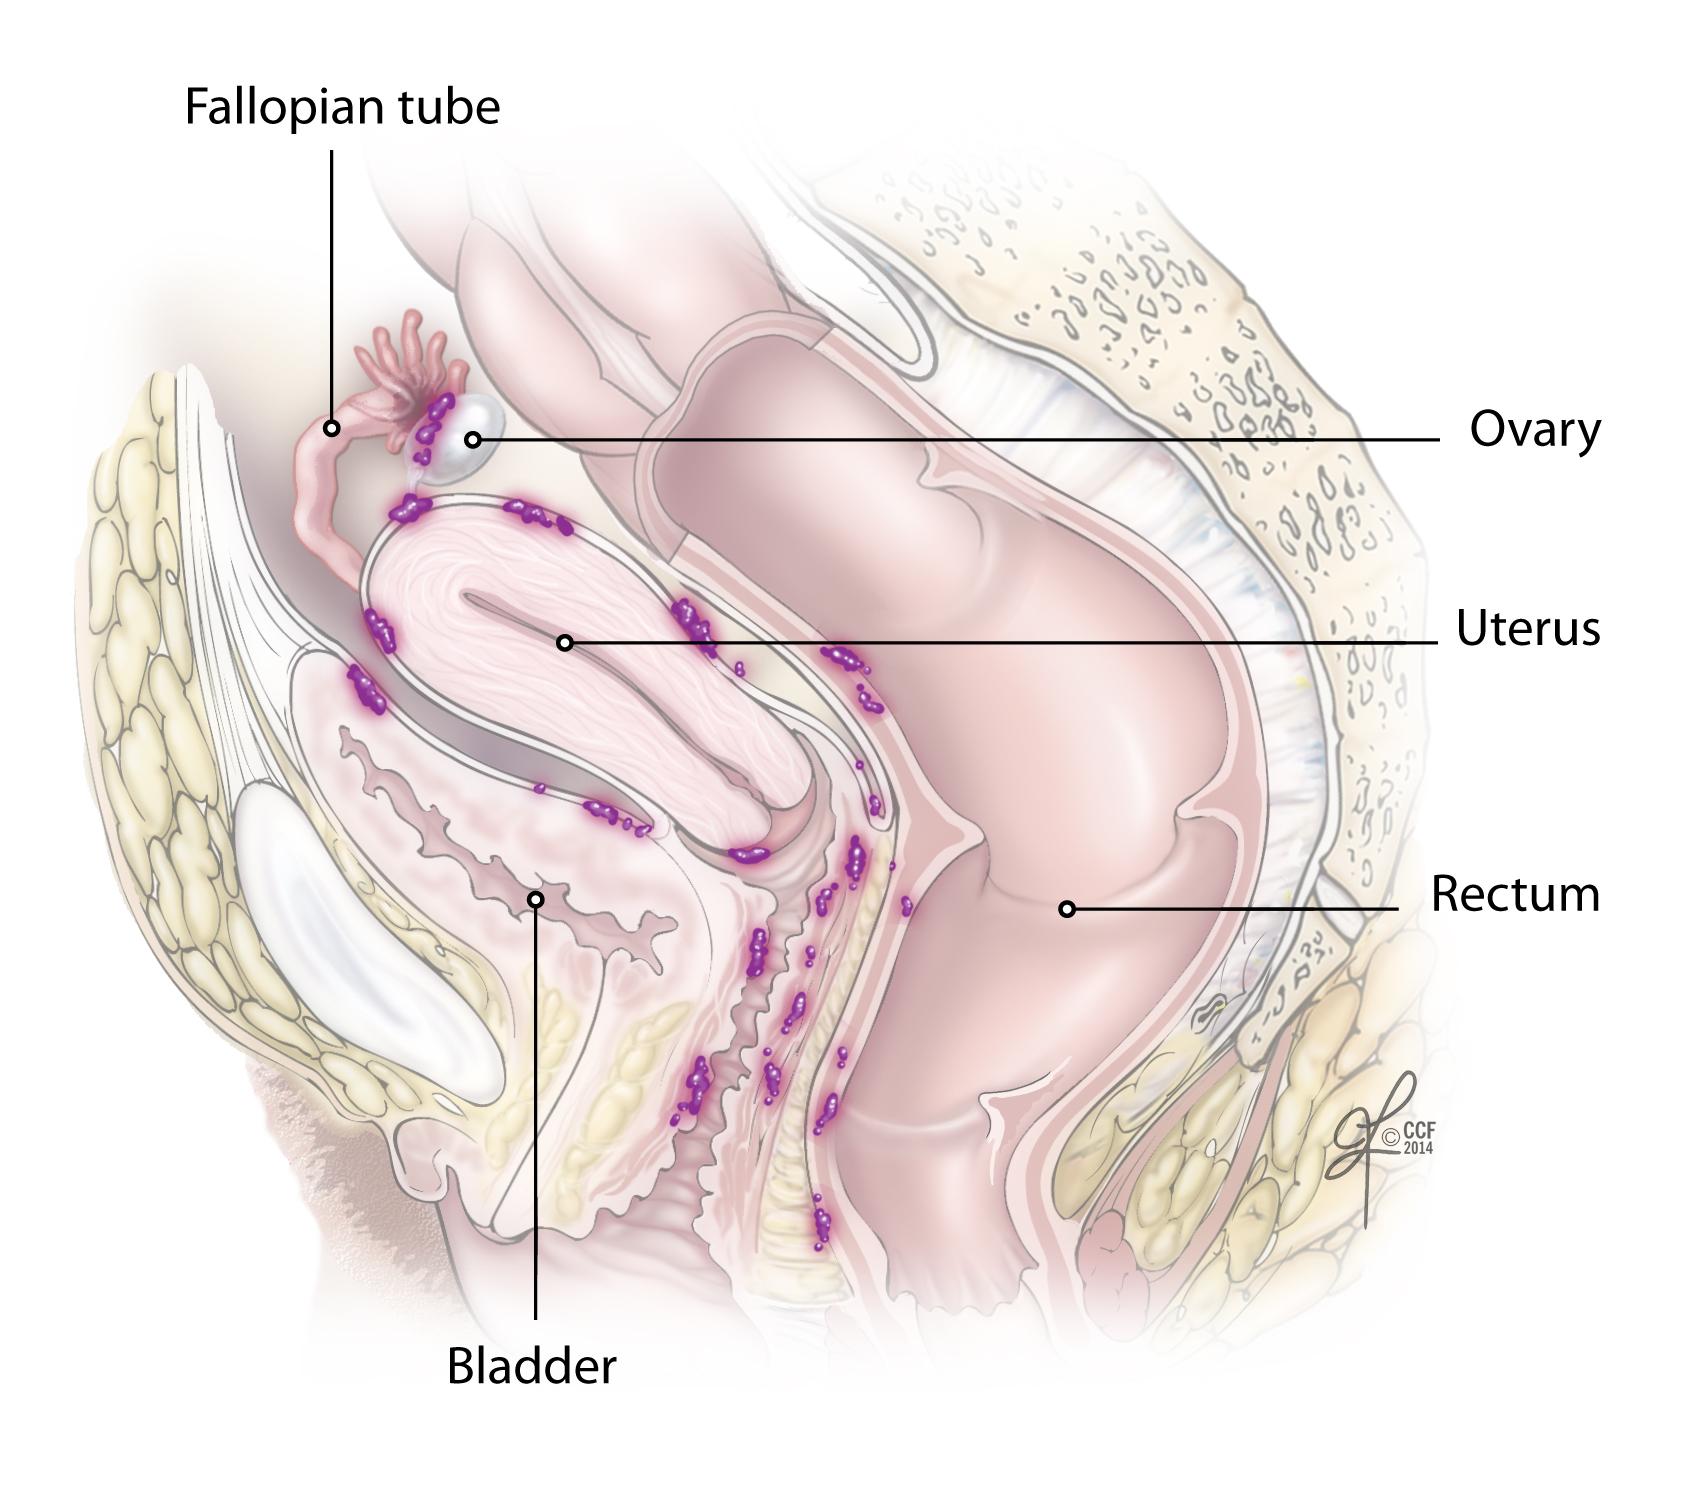 asspub.ro - Testarea pentru depistarea cancerului de col uterin